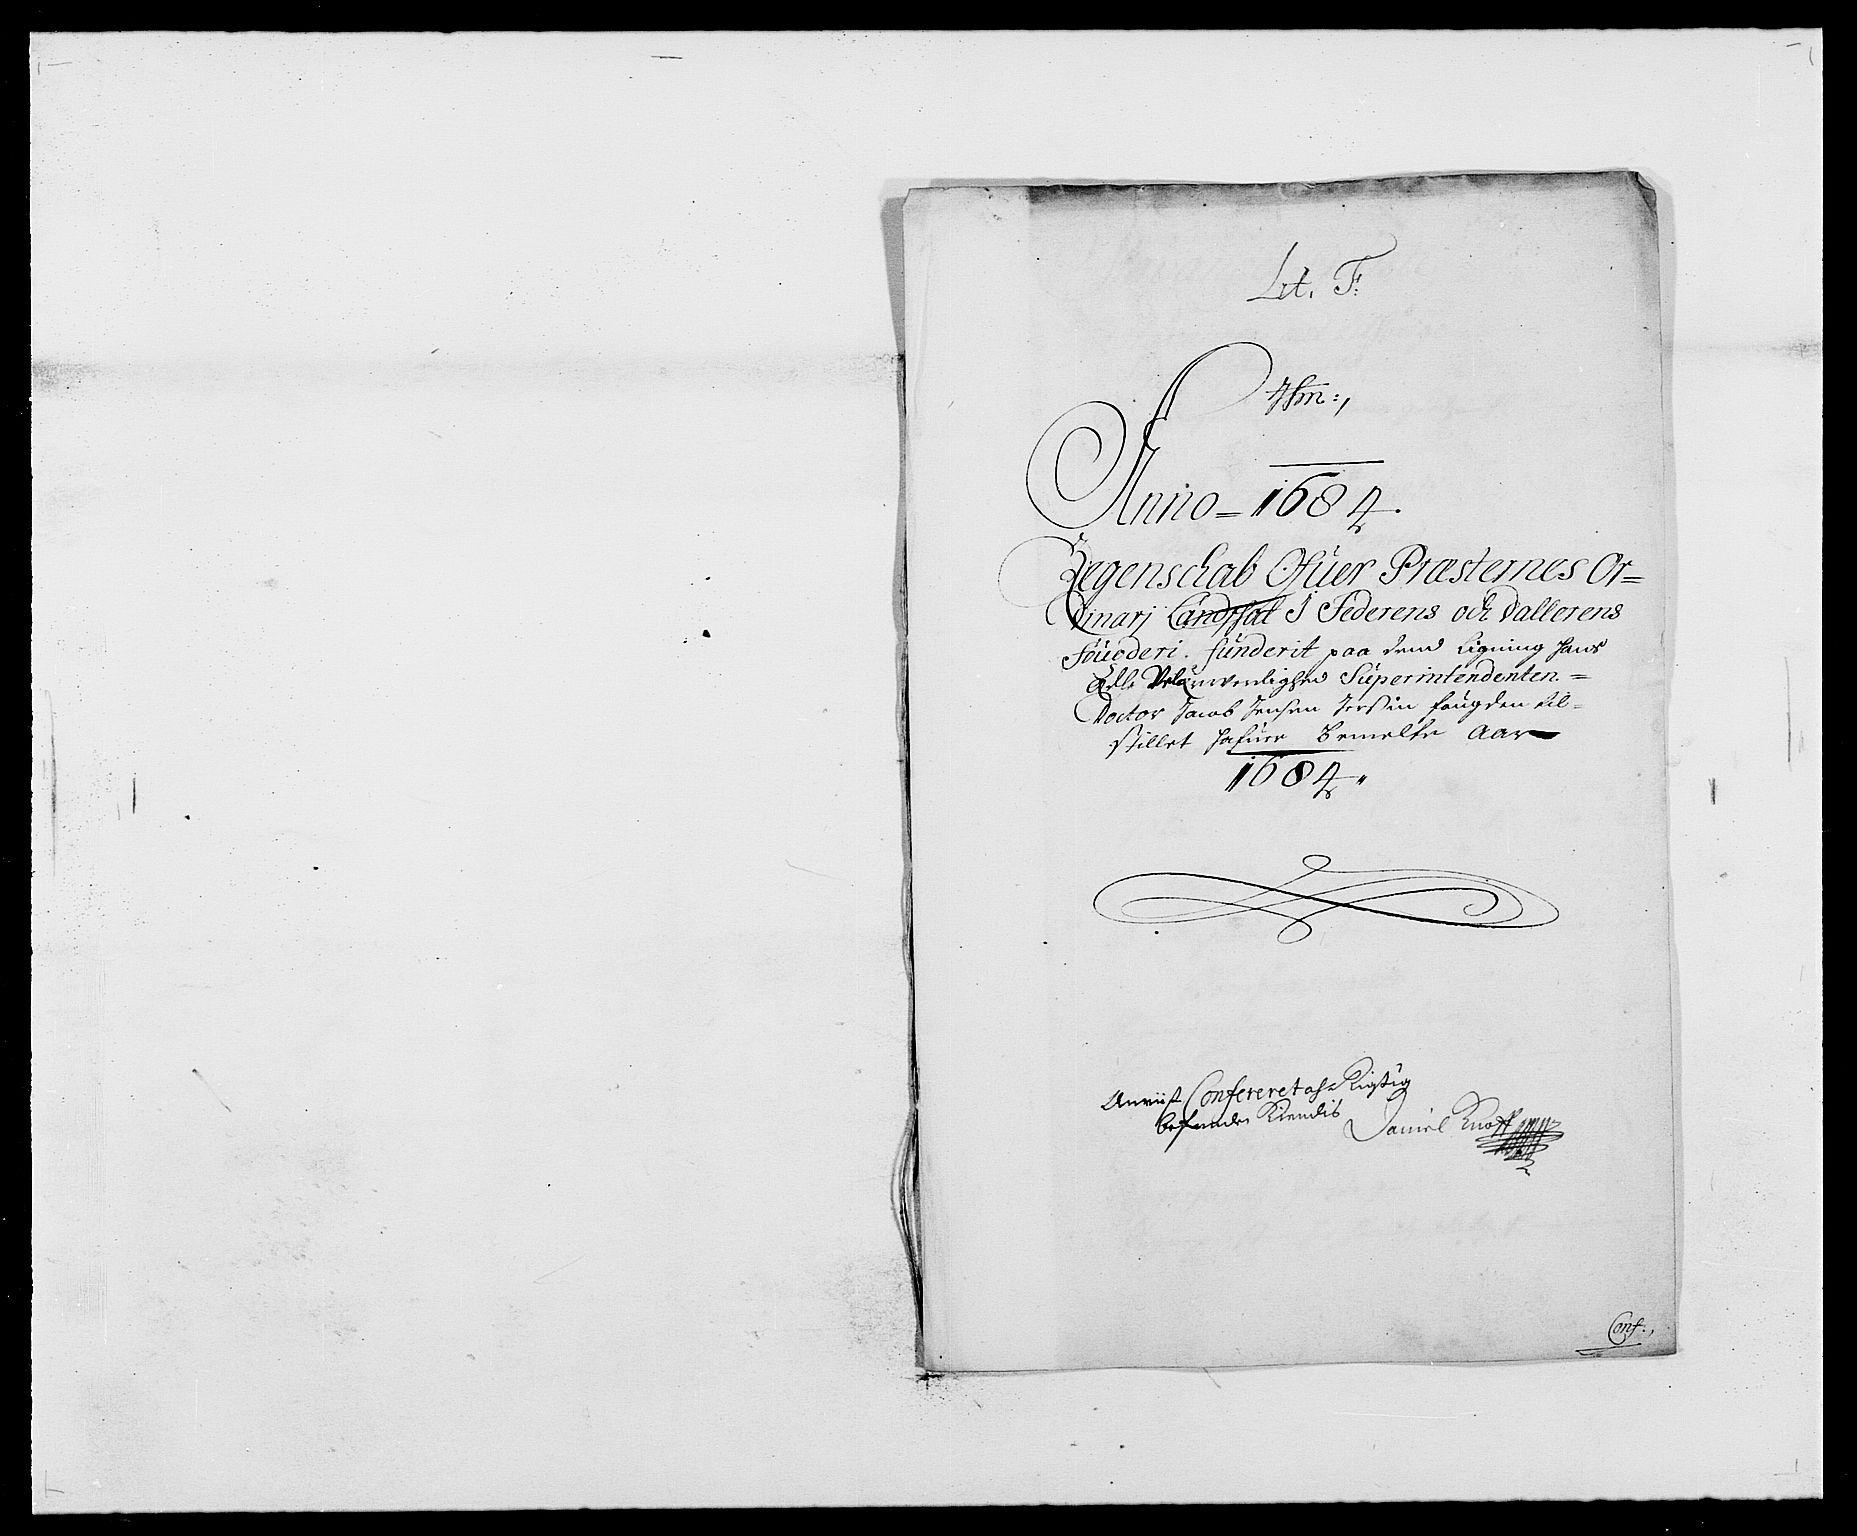 RA, Rentekammeret inntil 1814, Reviderte regnskaper, Fogderegnskap, R46/L2724: Fogderegnskap Jæren og Dalane, 1682-1684, s. 287